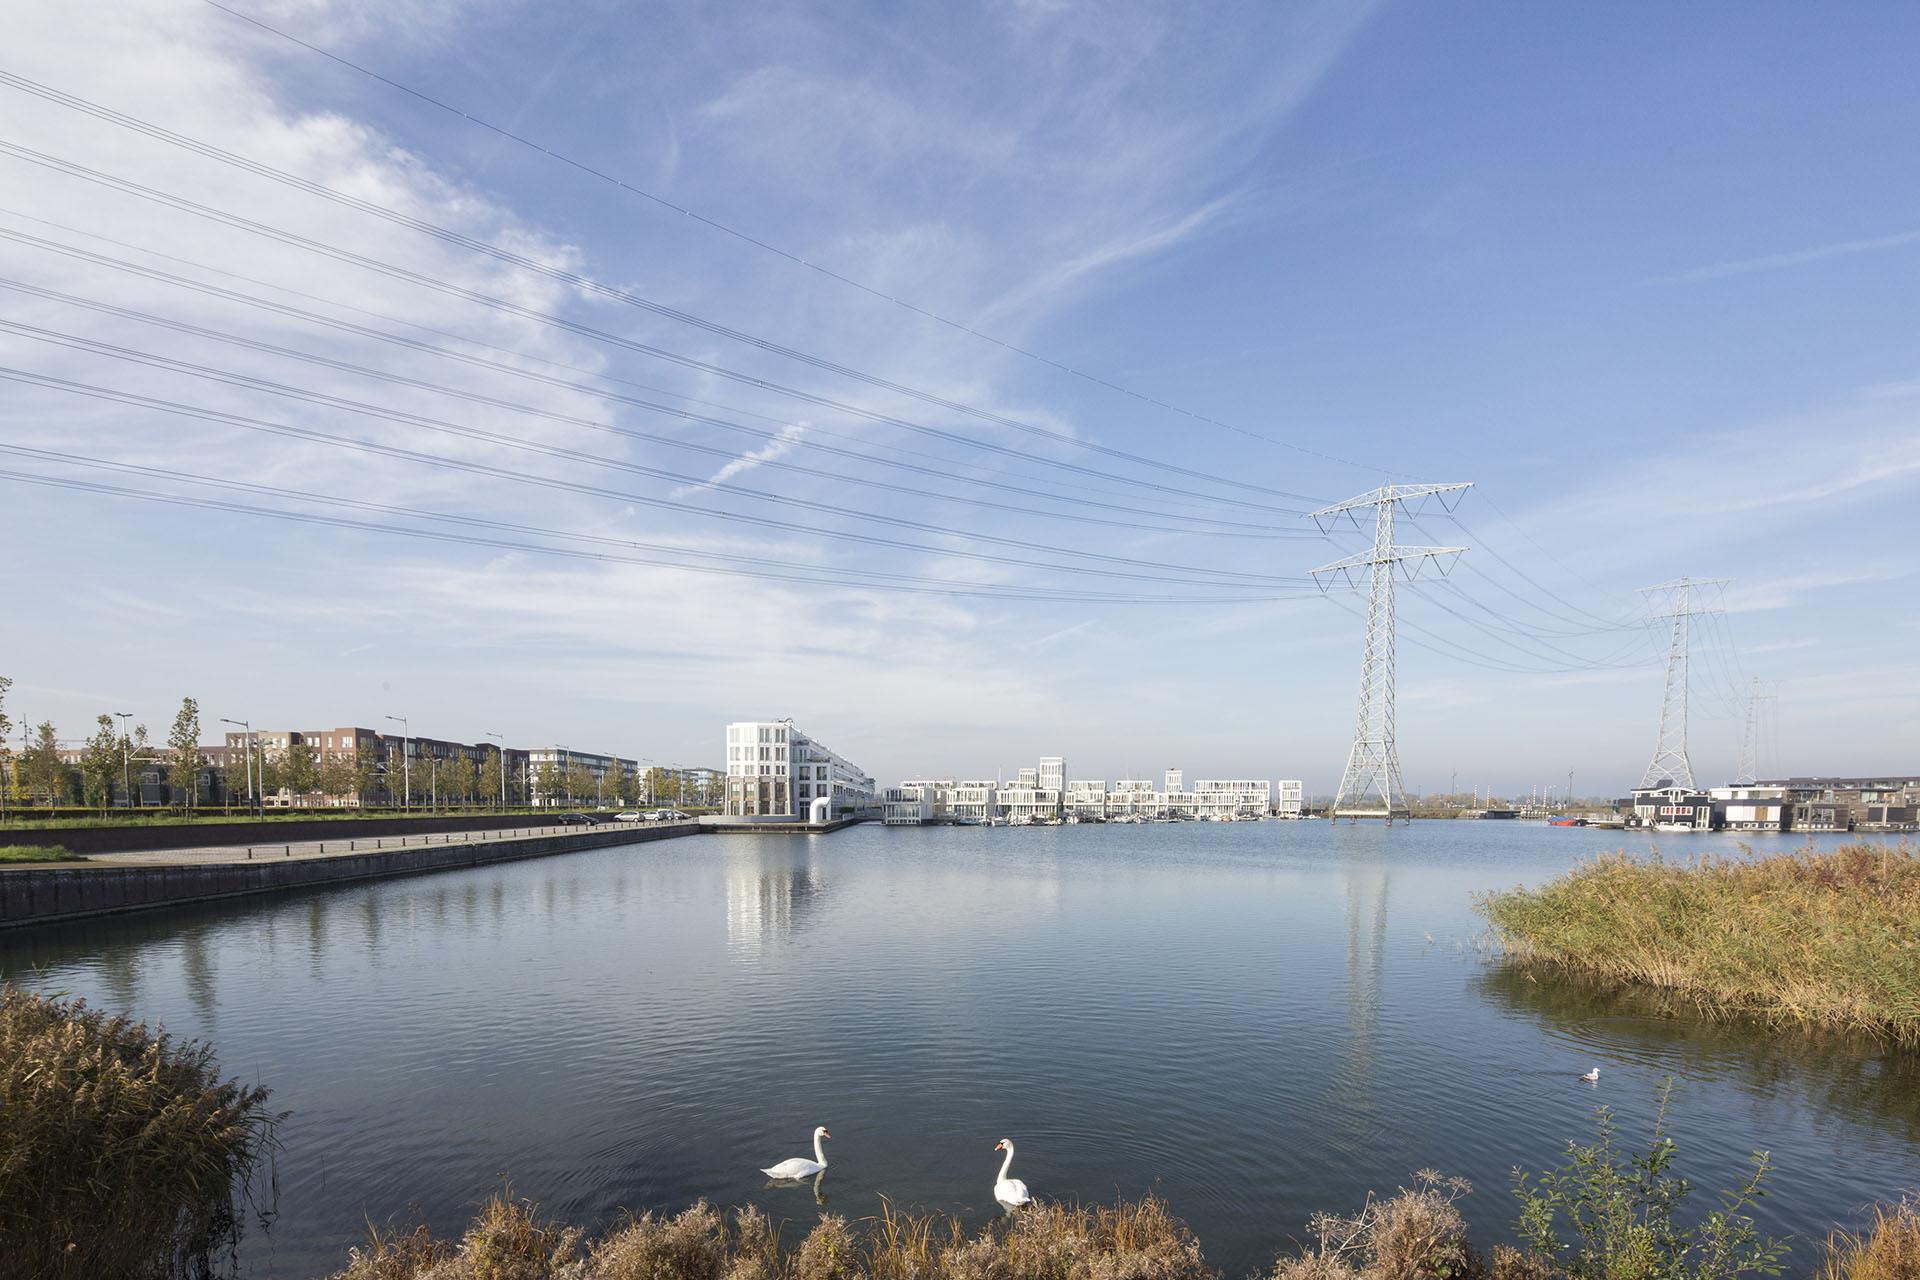 04-marc-koehler-amsterdam-simon-bosch-superlofts-architecture-architectuur- steigereiland-zwaan-swan